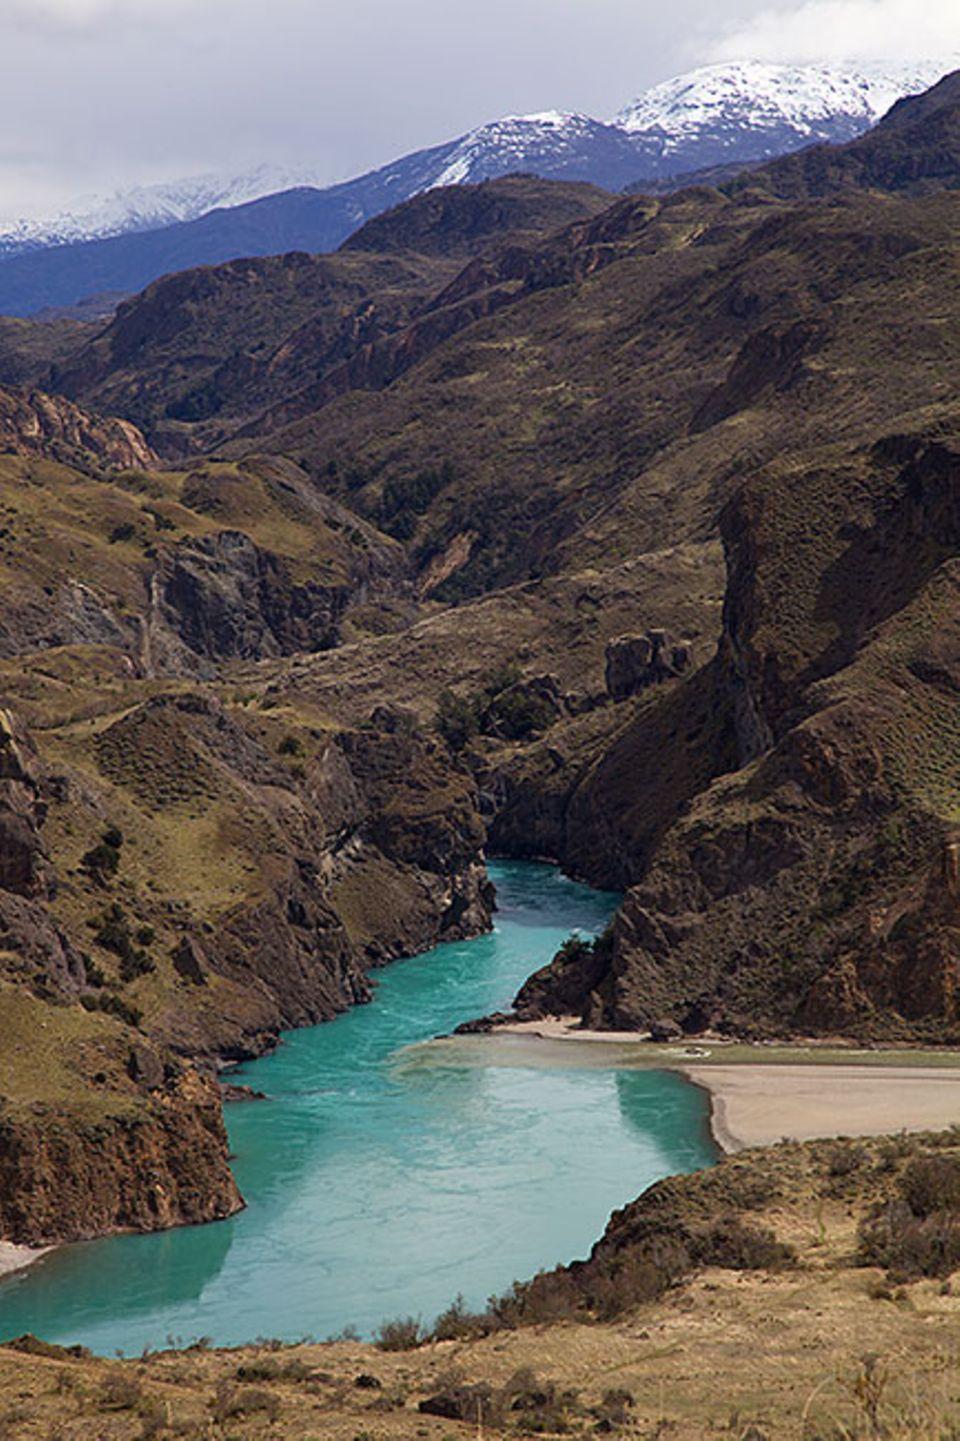 Patagonien: Der Rio Baker, am Eingang des Parks an der Carretera Austral, bringt mitunter auch etwas Farbe in die sonst karge Bergwelt